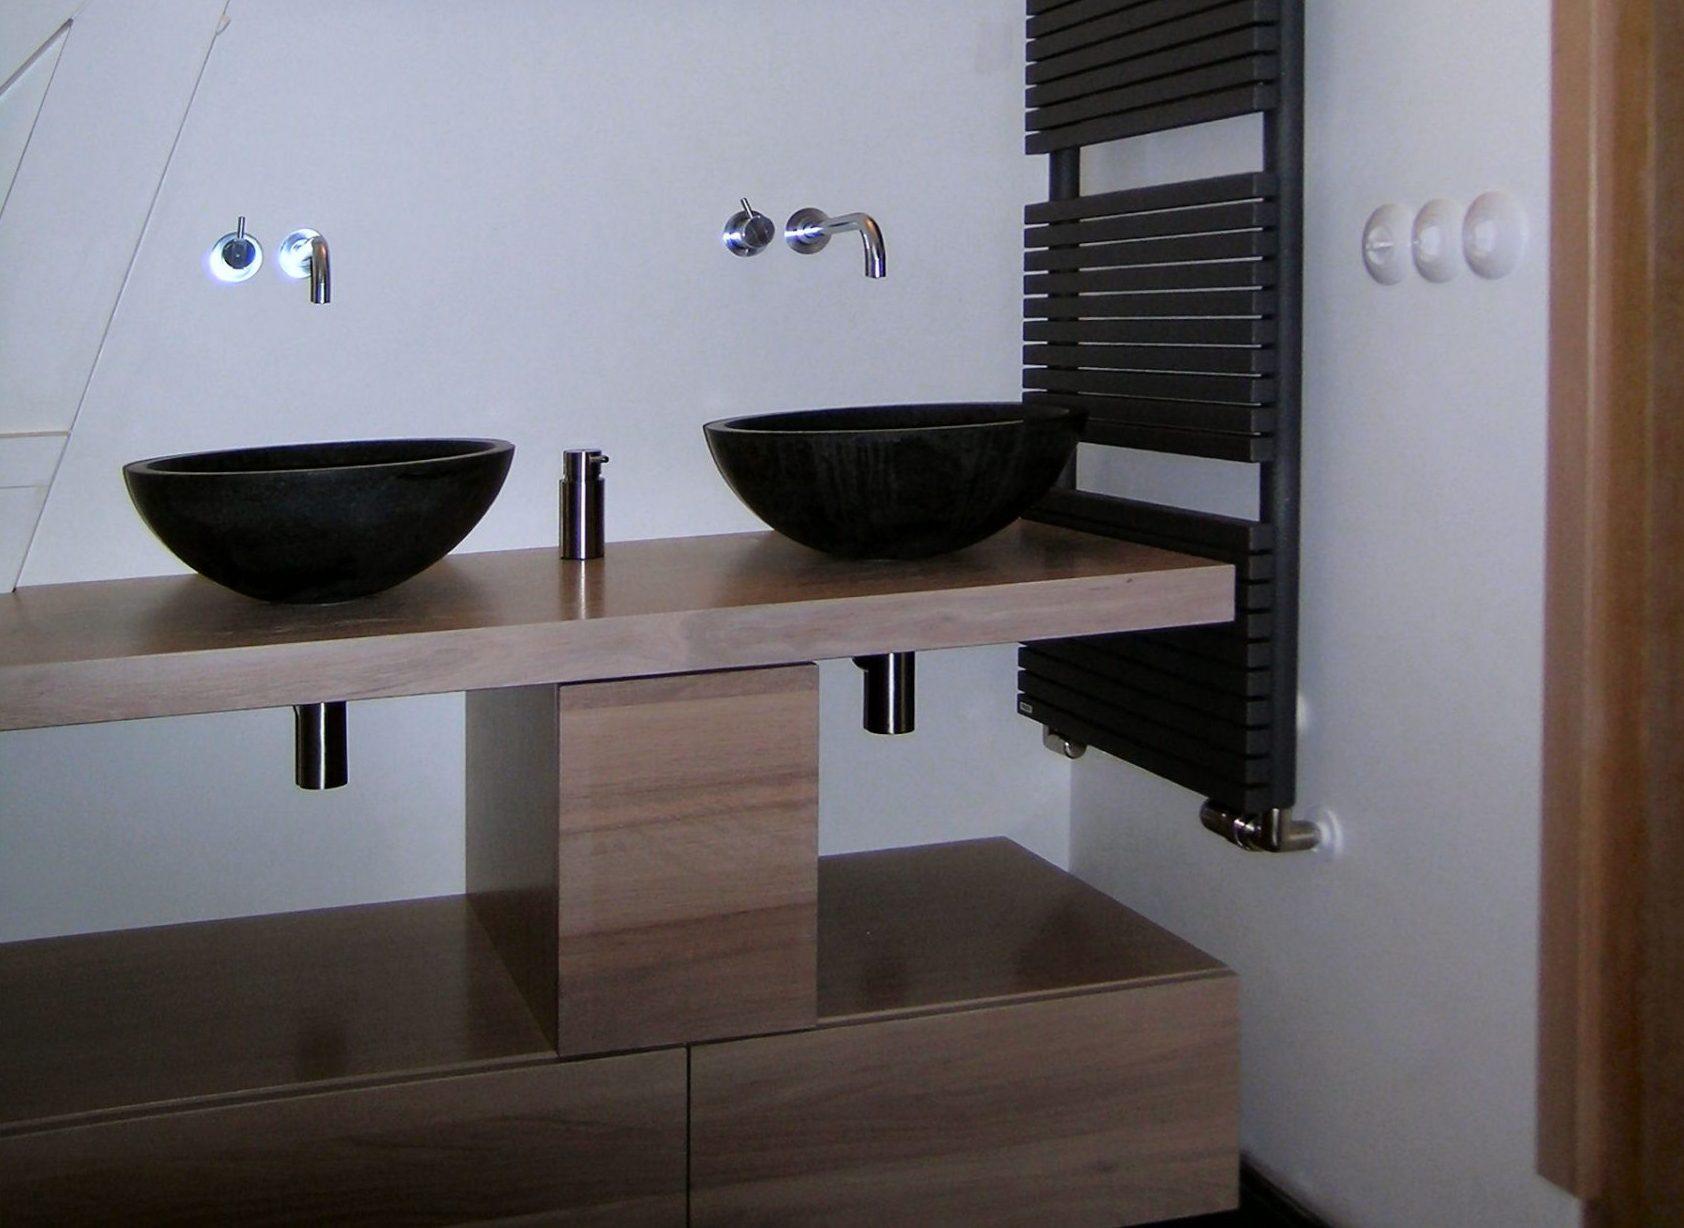 Badkamermeubel Op Maat : Badkamermeubel op maat dorst maatmeubel